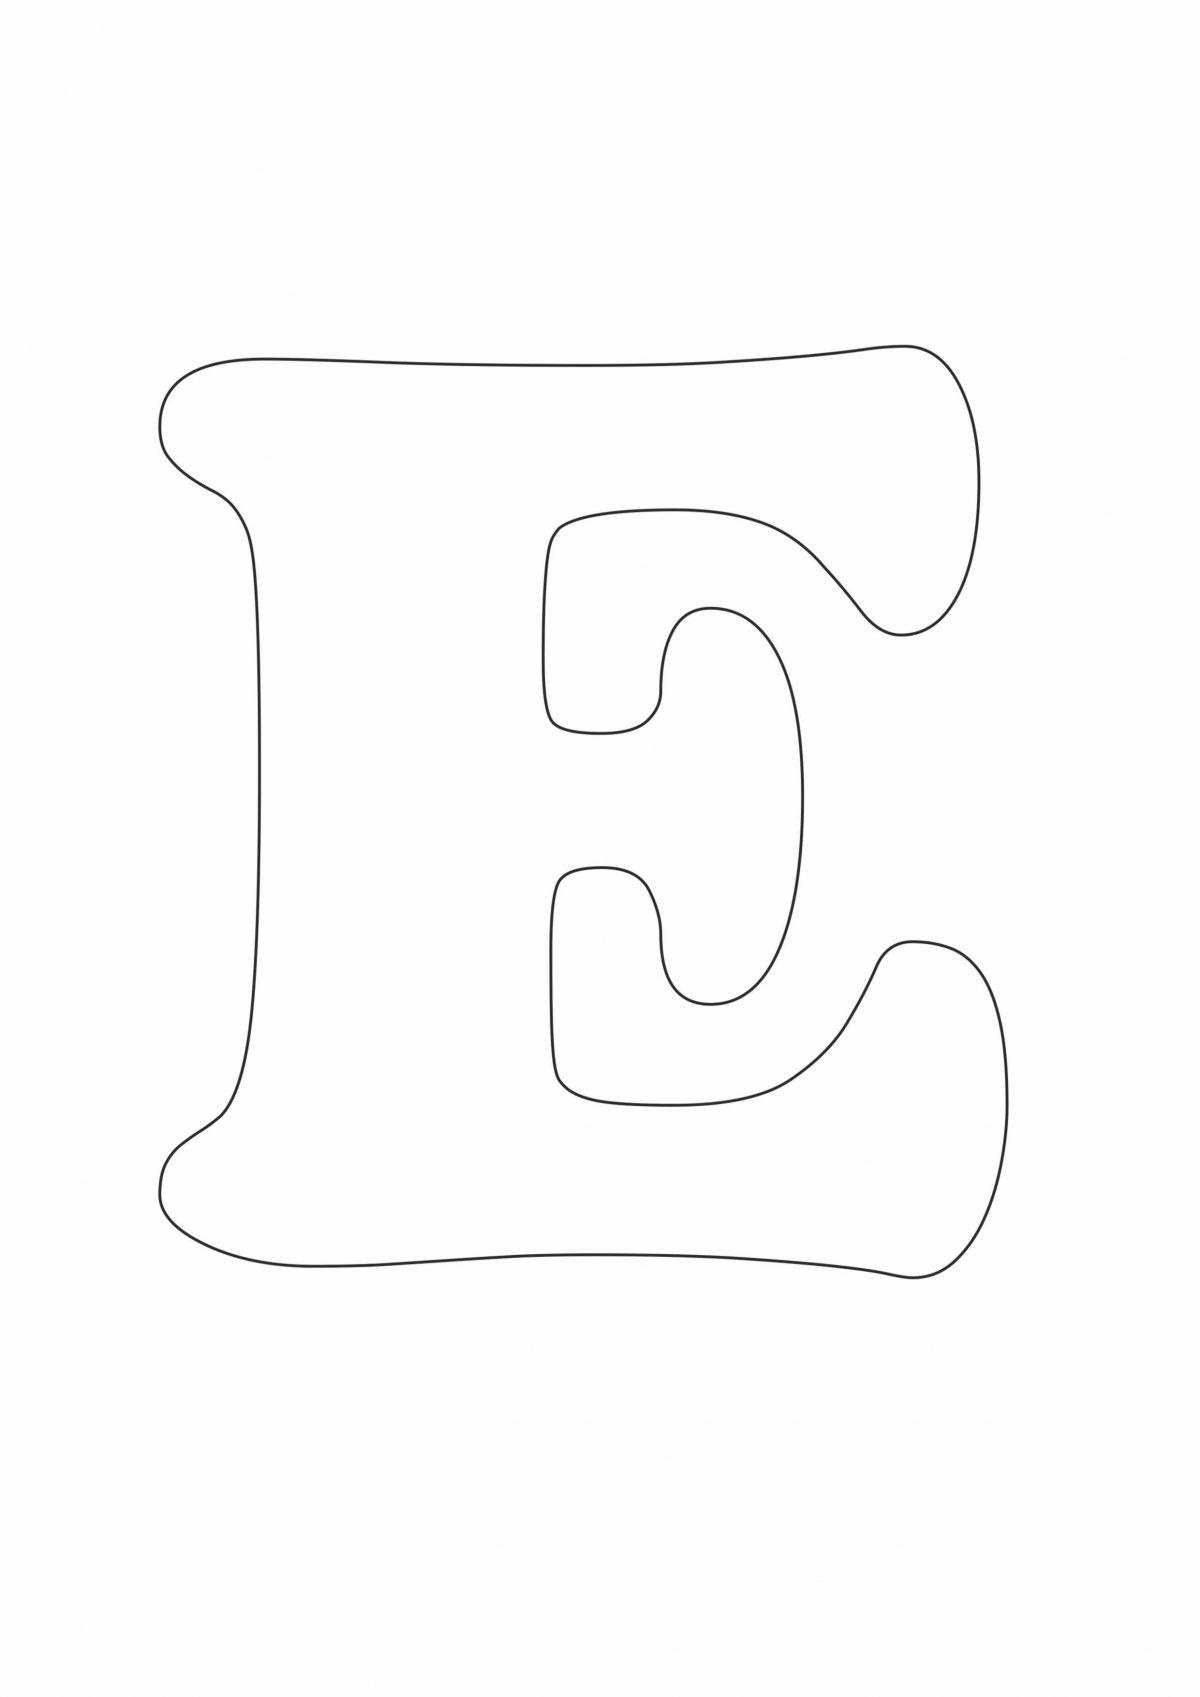 Трафарет буквы Е